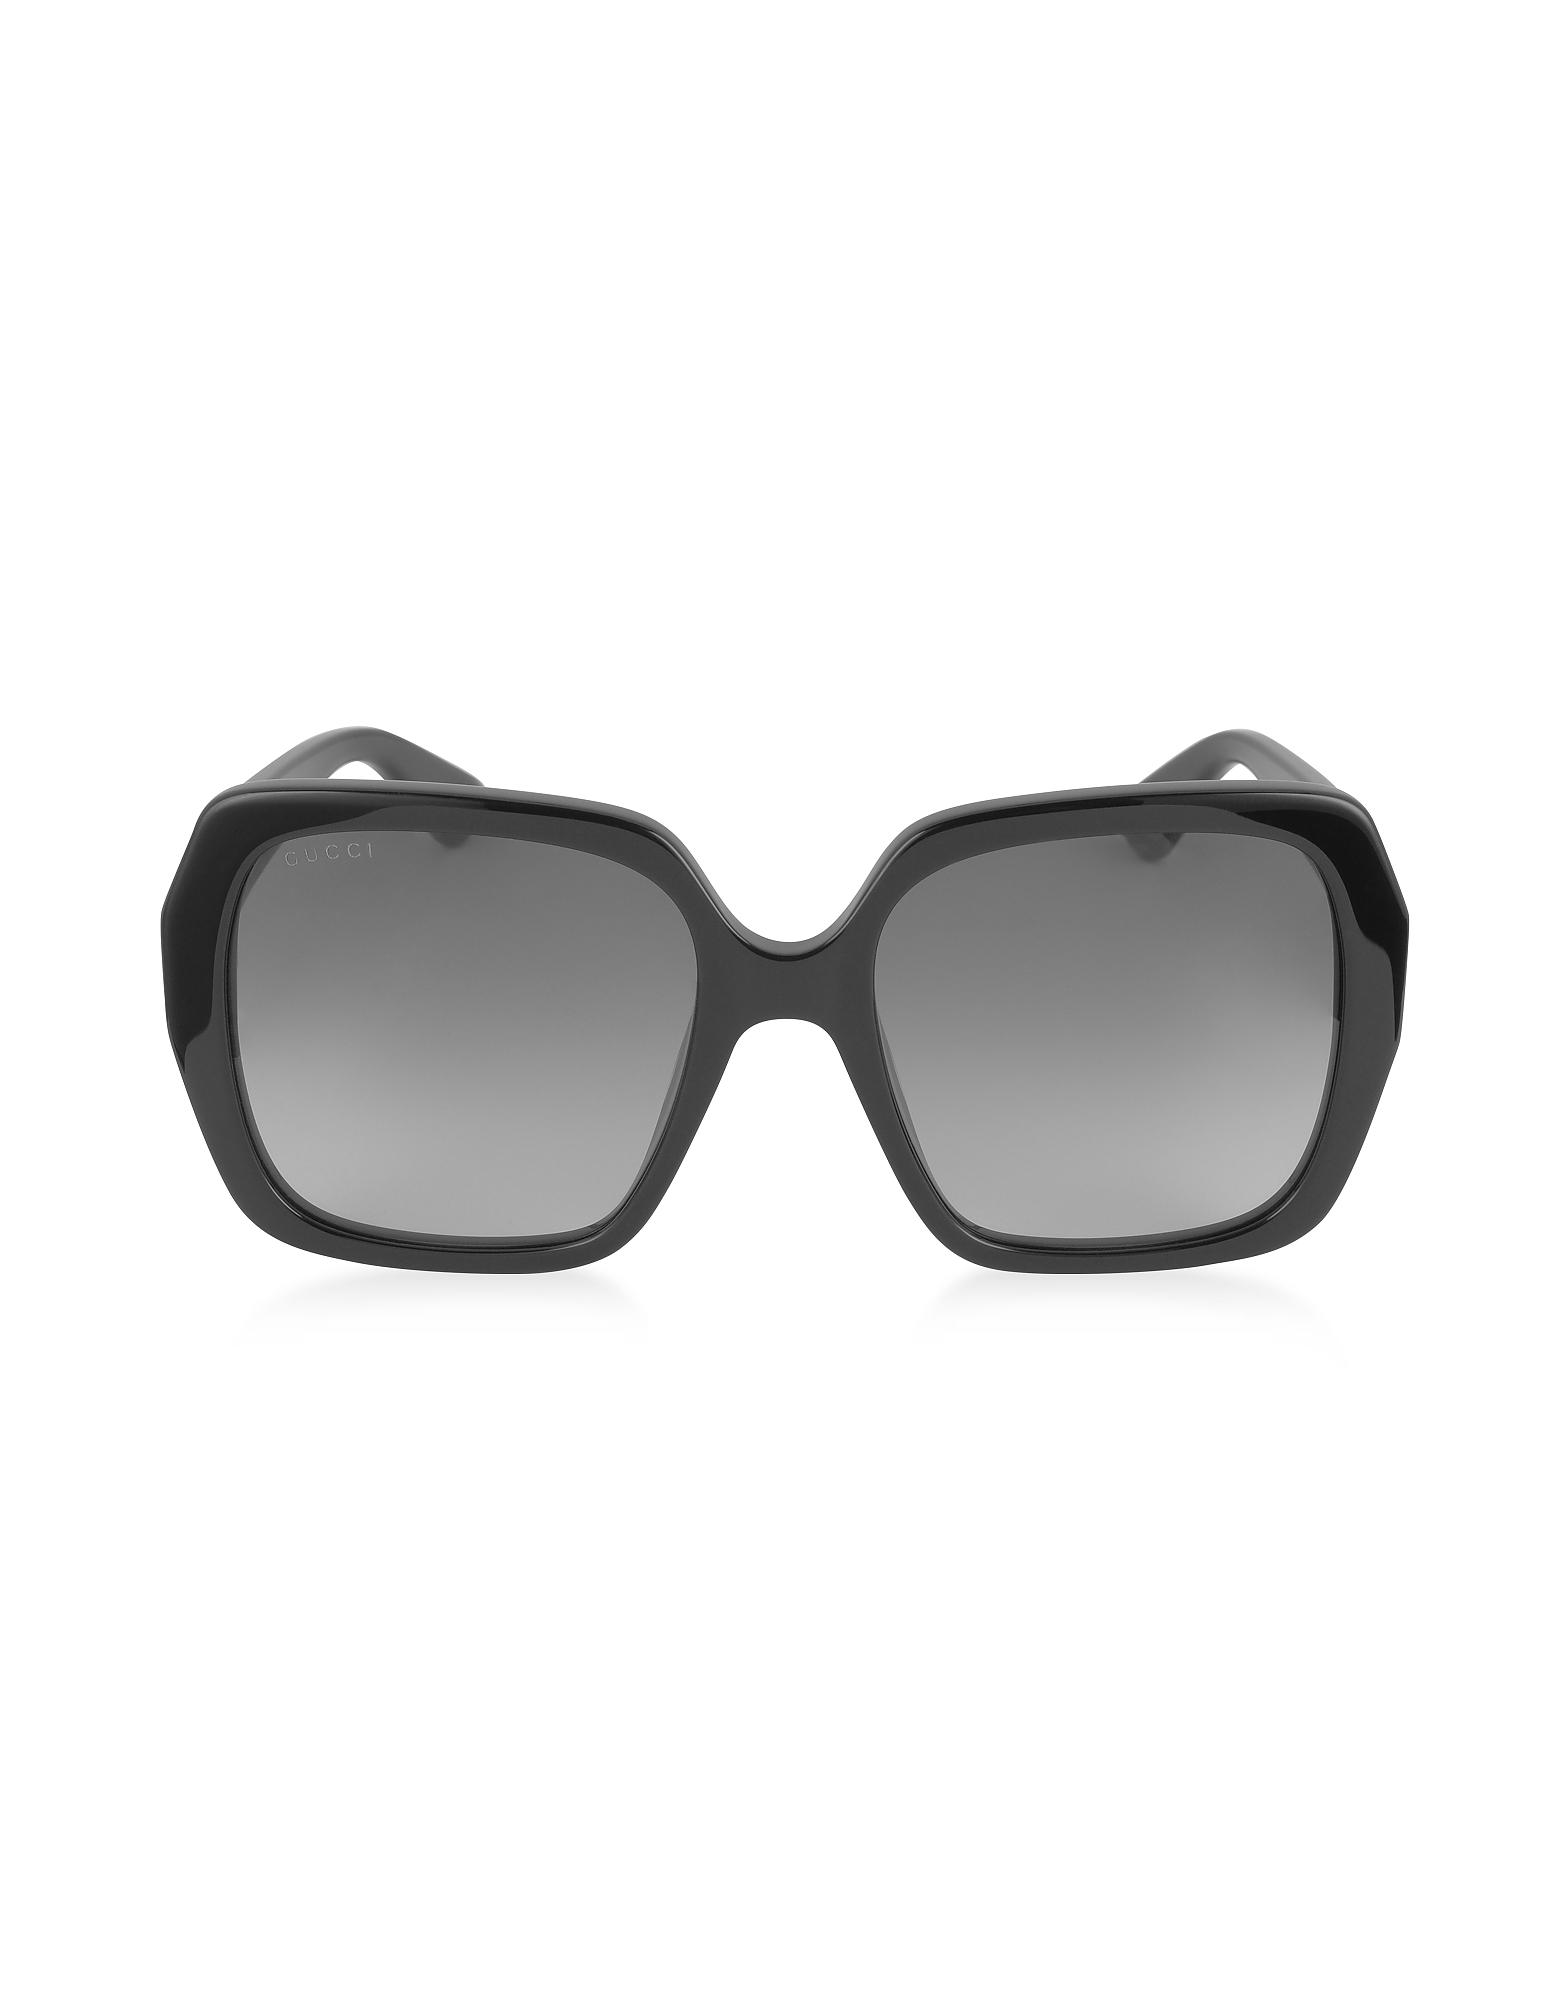 GG0053S 001 - Черные Квадратные Женские Солнечные Очки из Ацетата